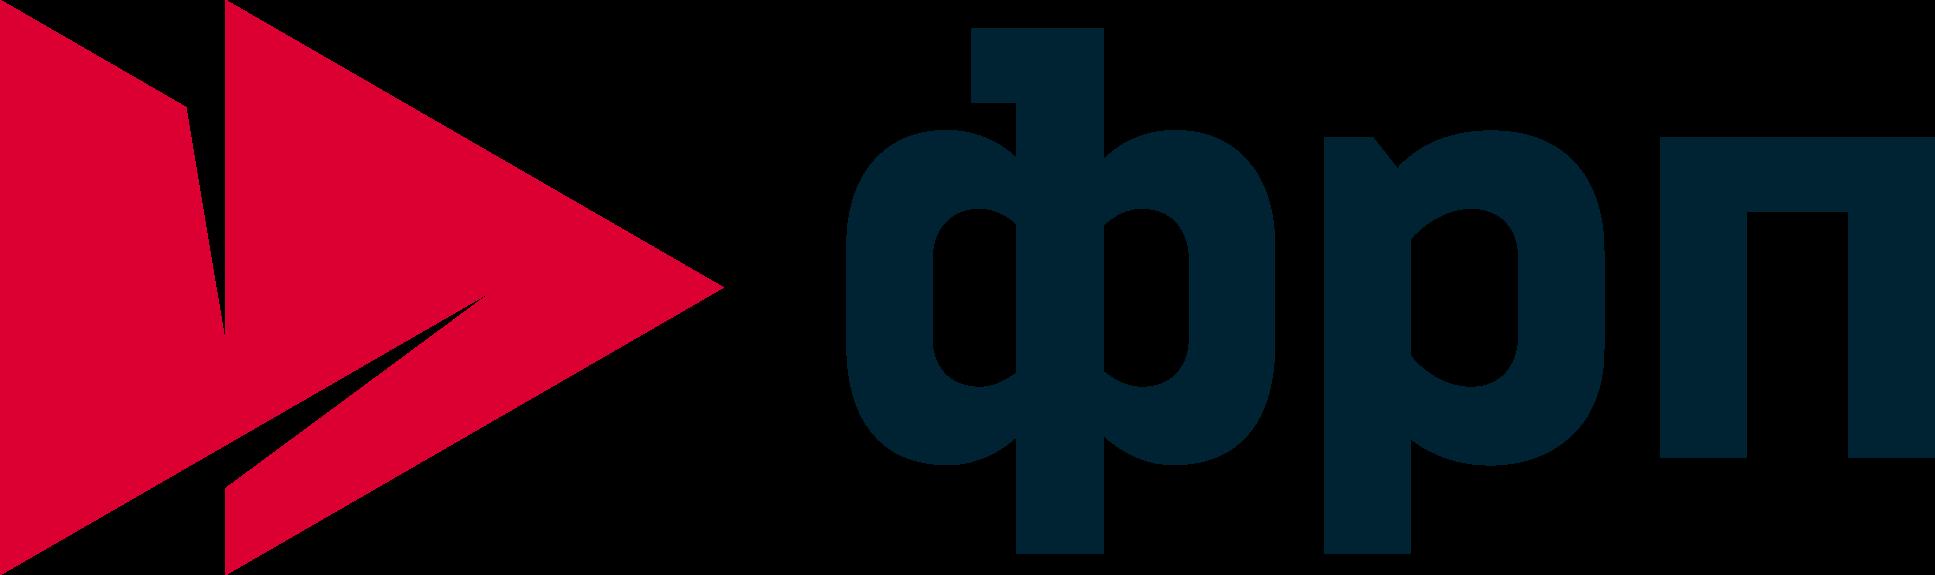 Фонд развития промышленности